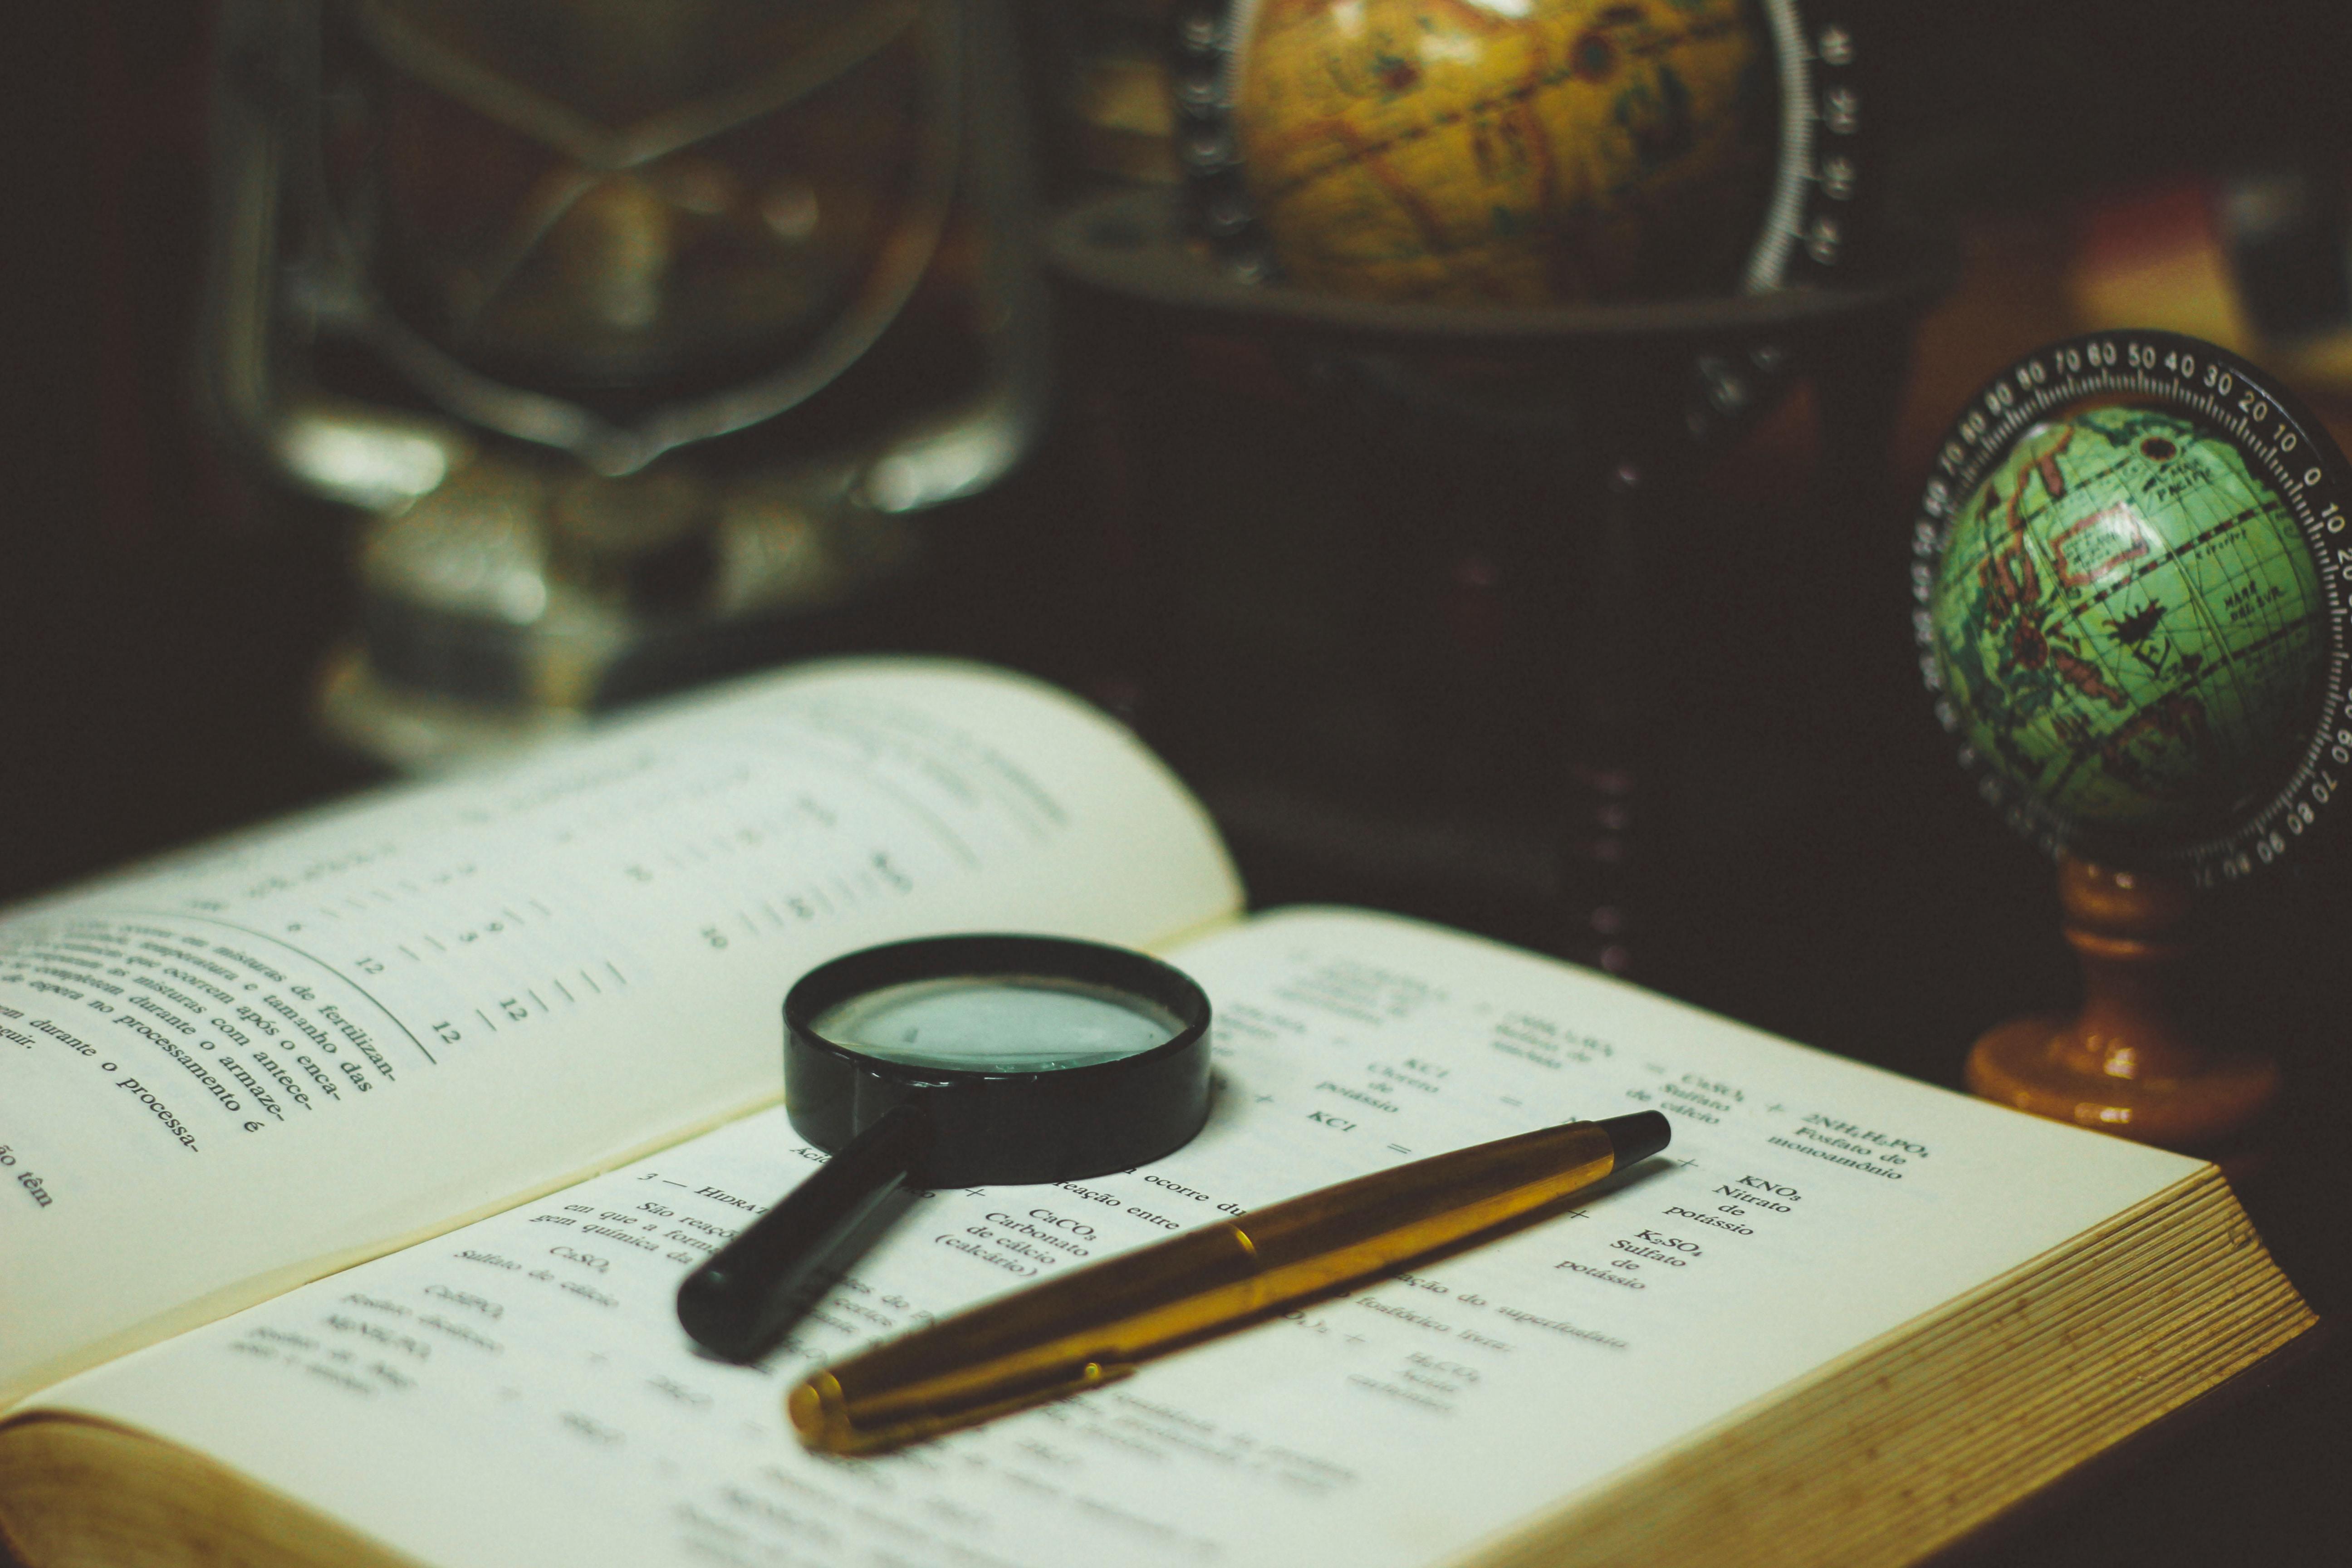 Jakie są uprawnienia prywatnego detektywa?